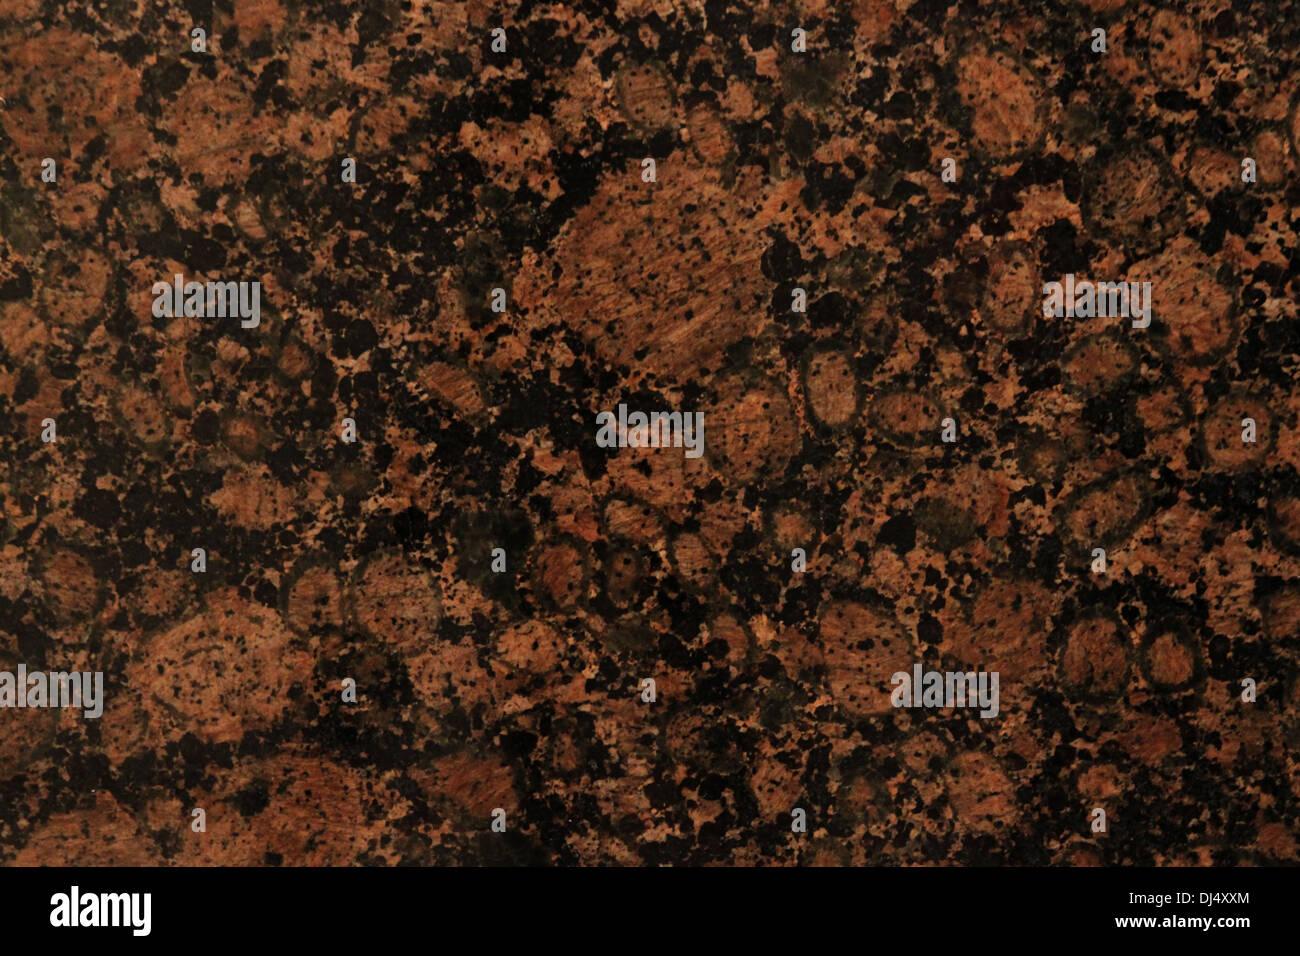 Polished granite background image - Stock Image